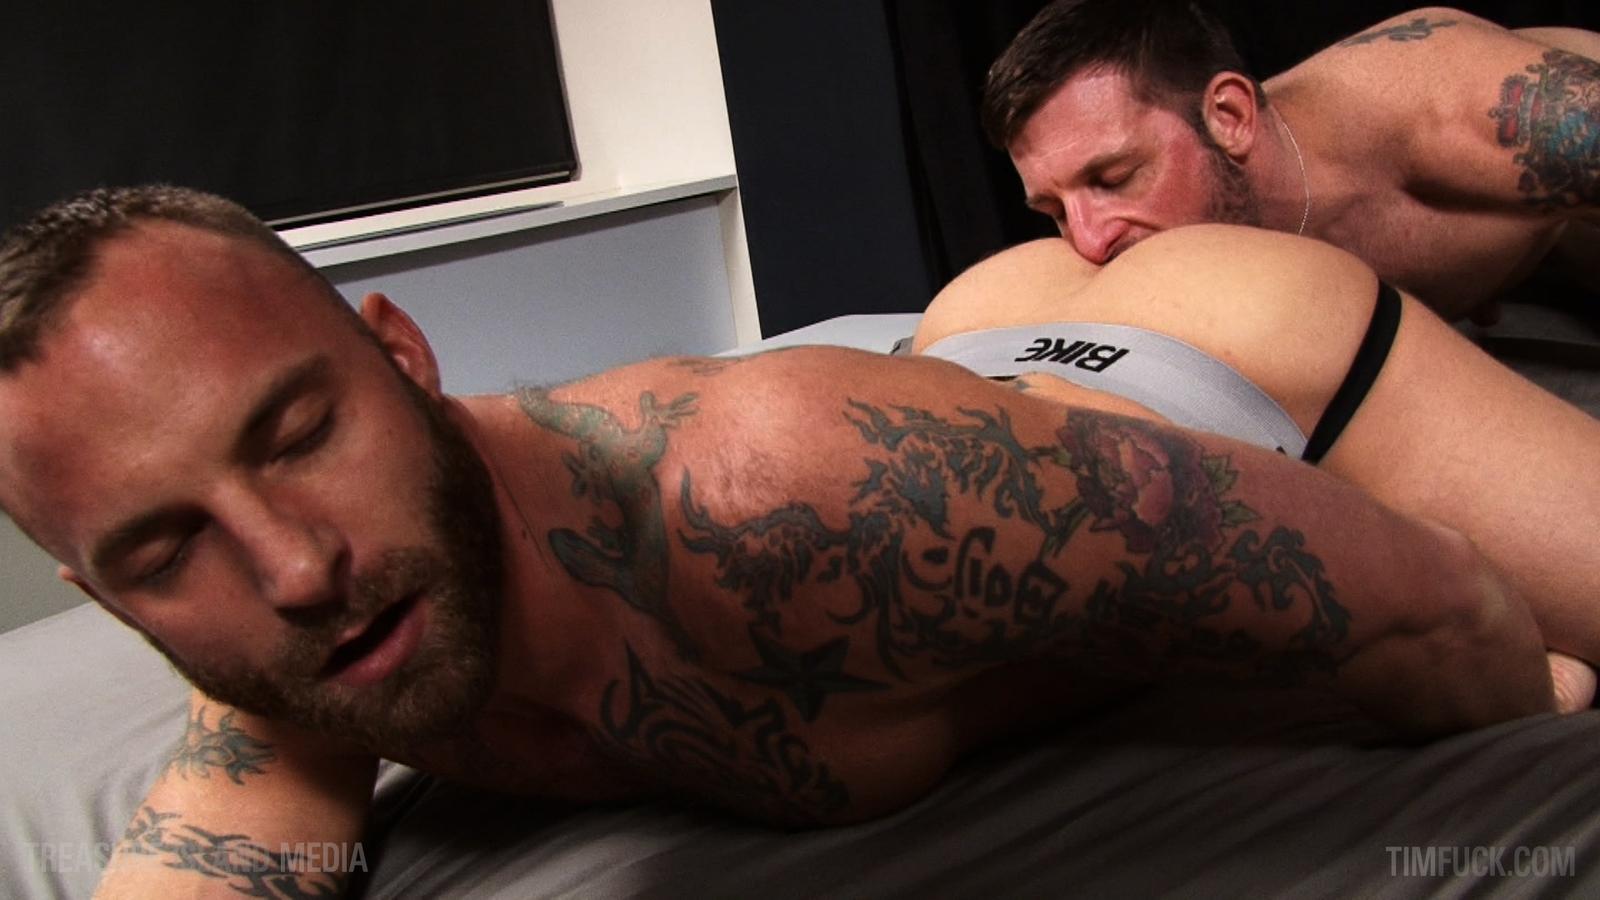 Morgan Black fuck Derek Parker gay hot daddy dude men porn TimFuck